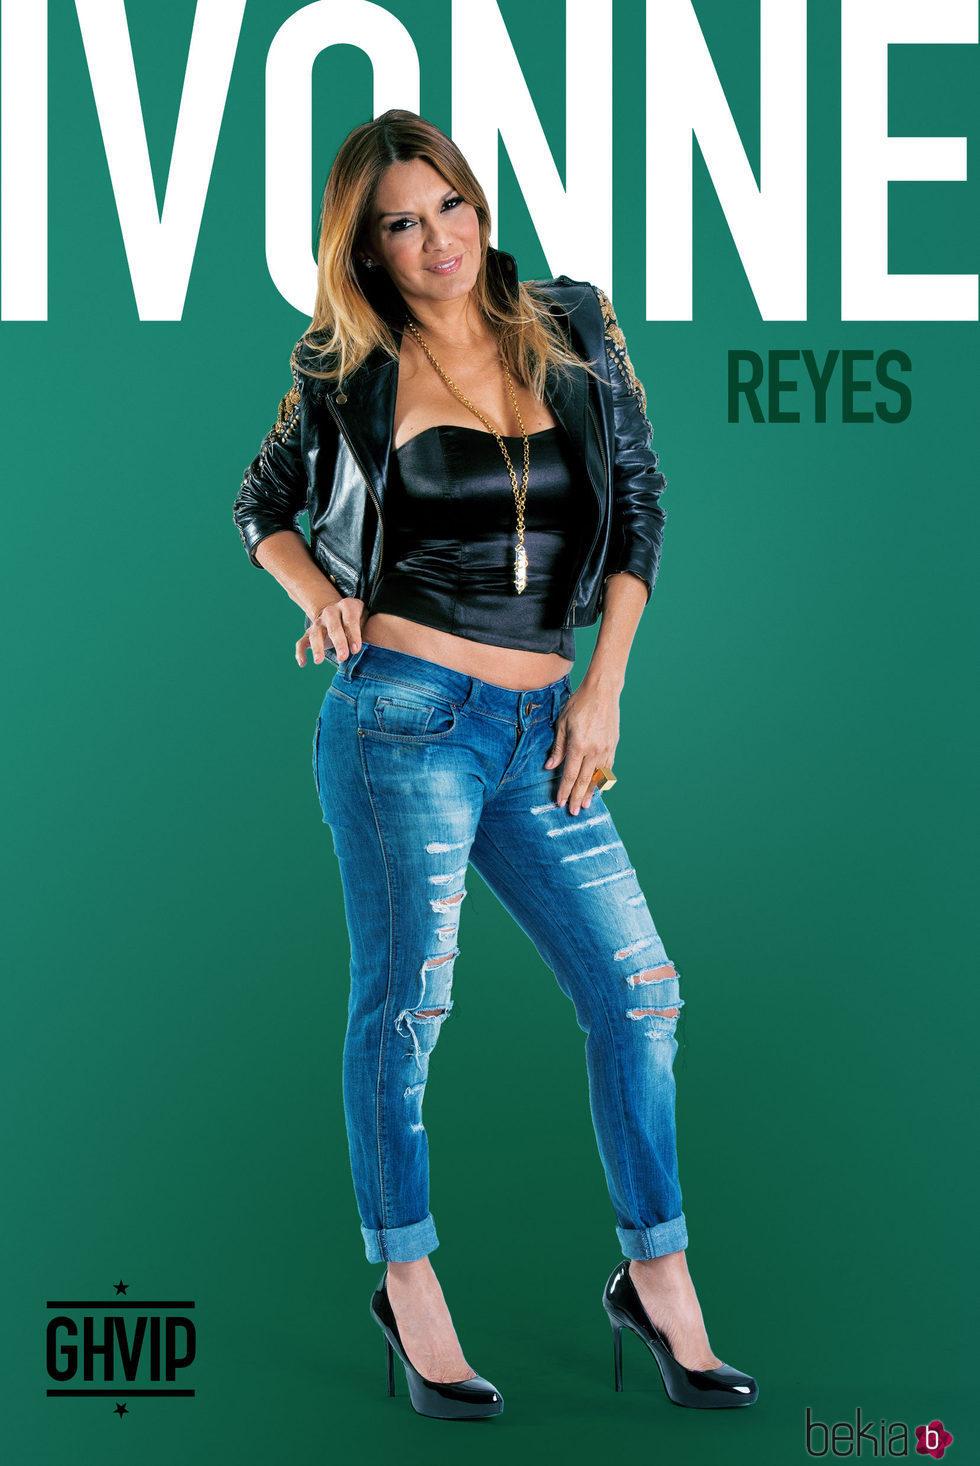 Ivonne Reyes en la fotografía oficial de 'Gran Hermano VIP 5'